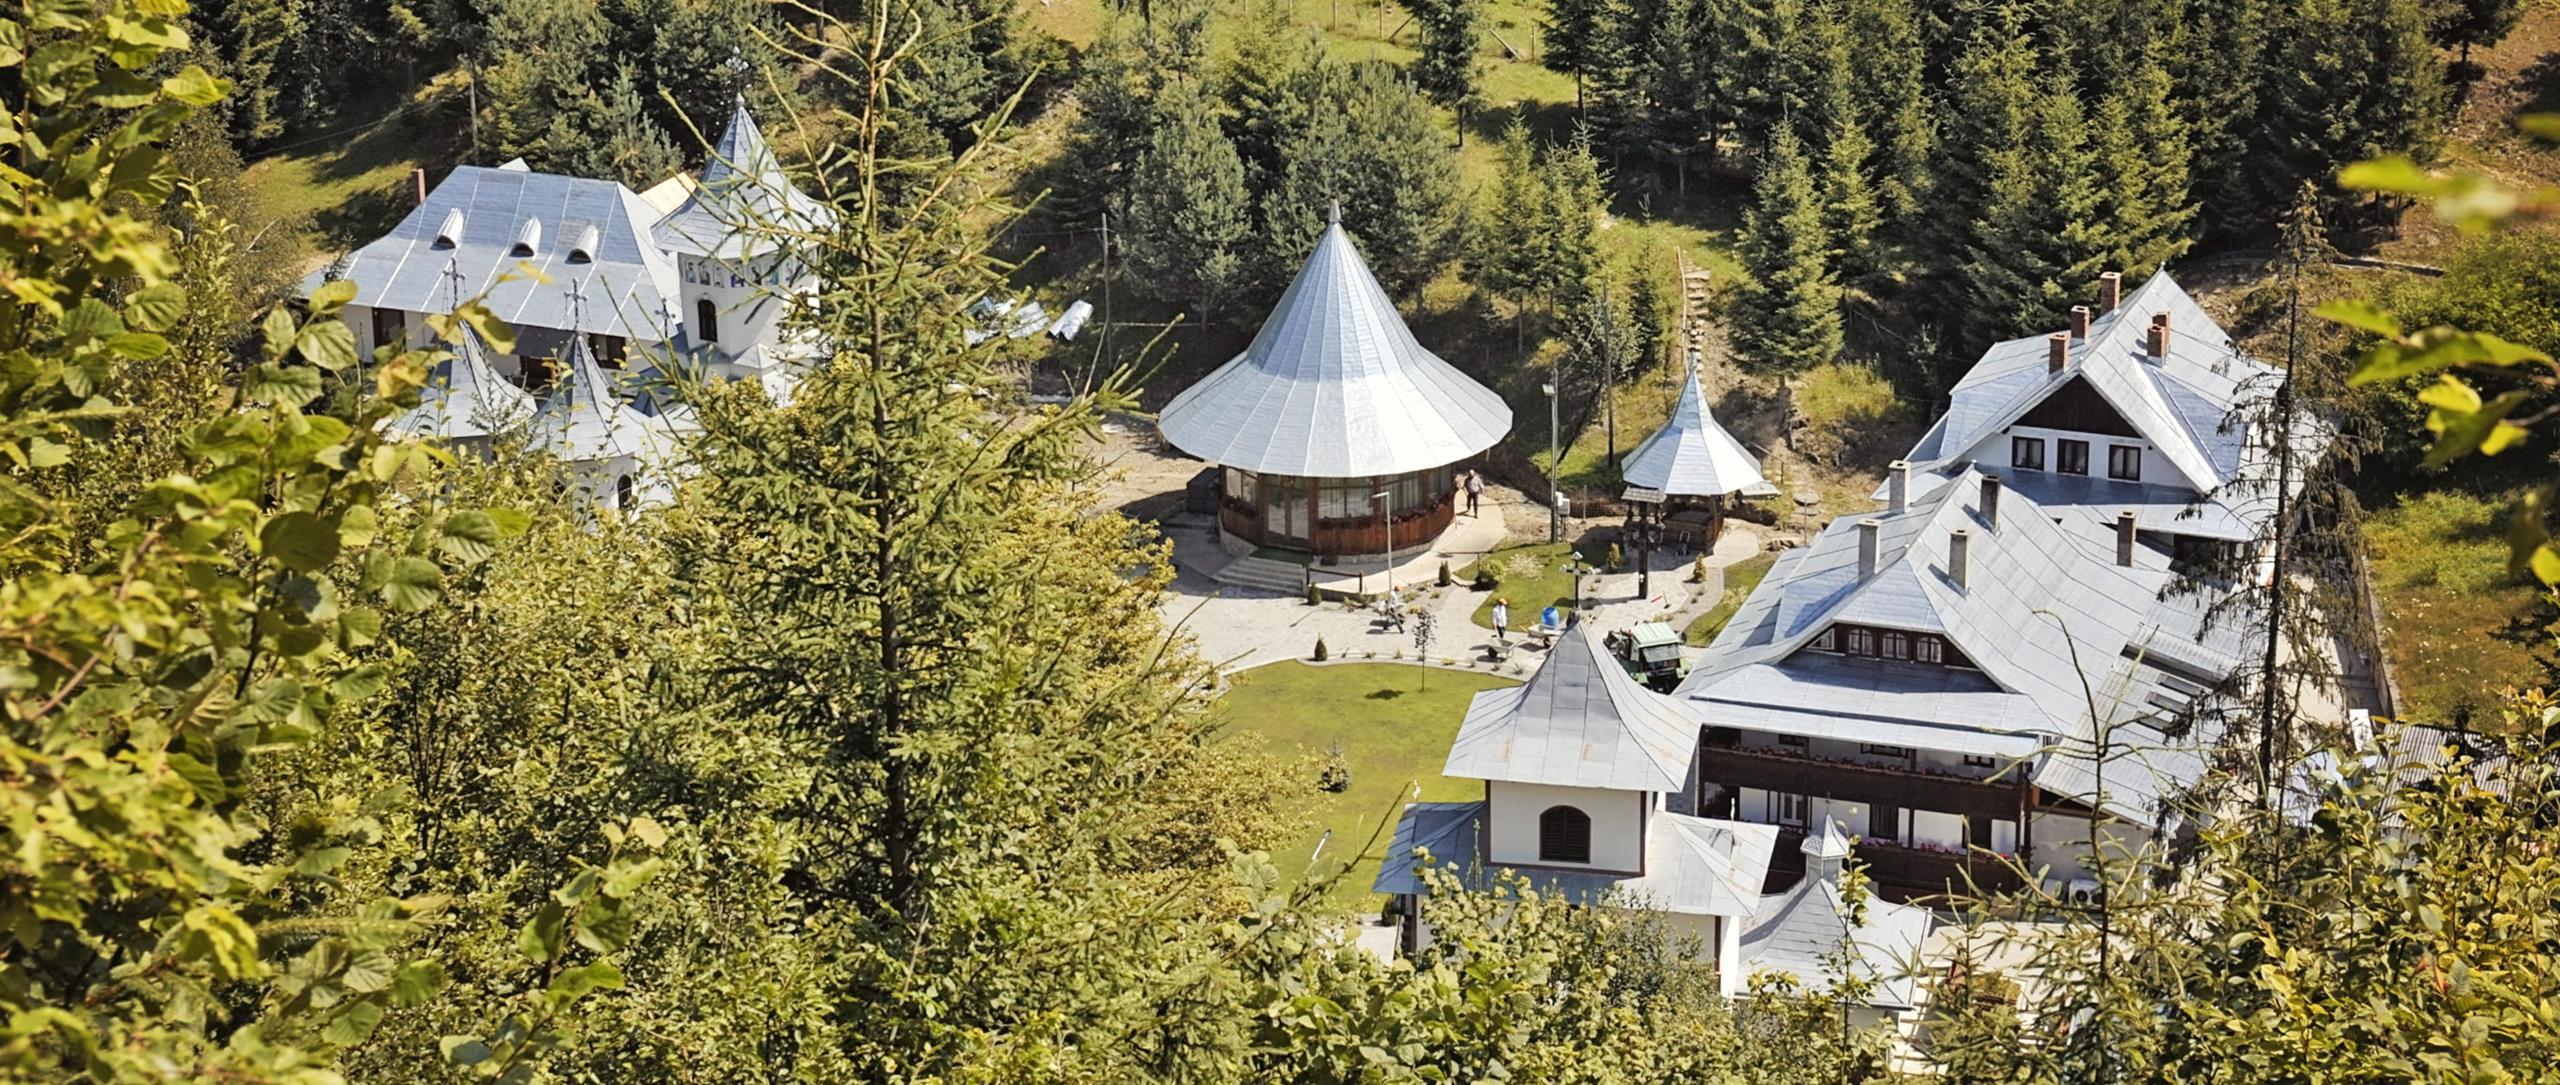 Manastirea Doroteia - Slide 1